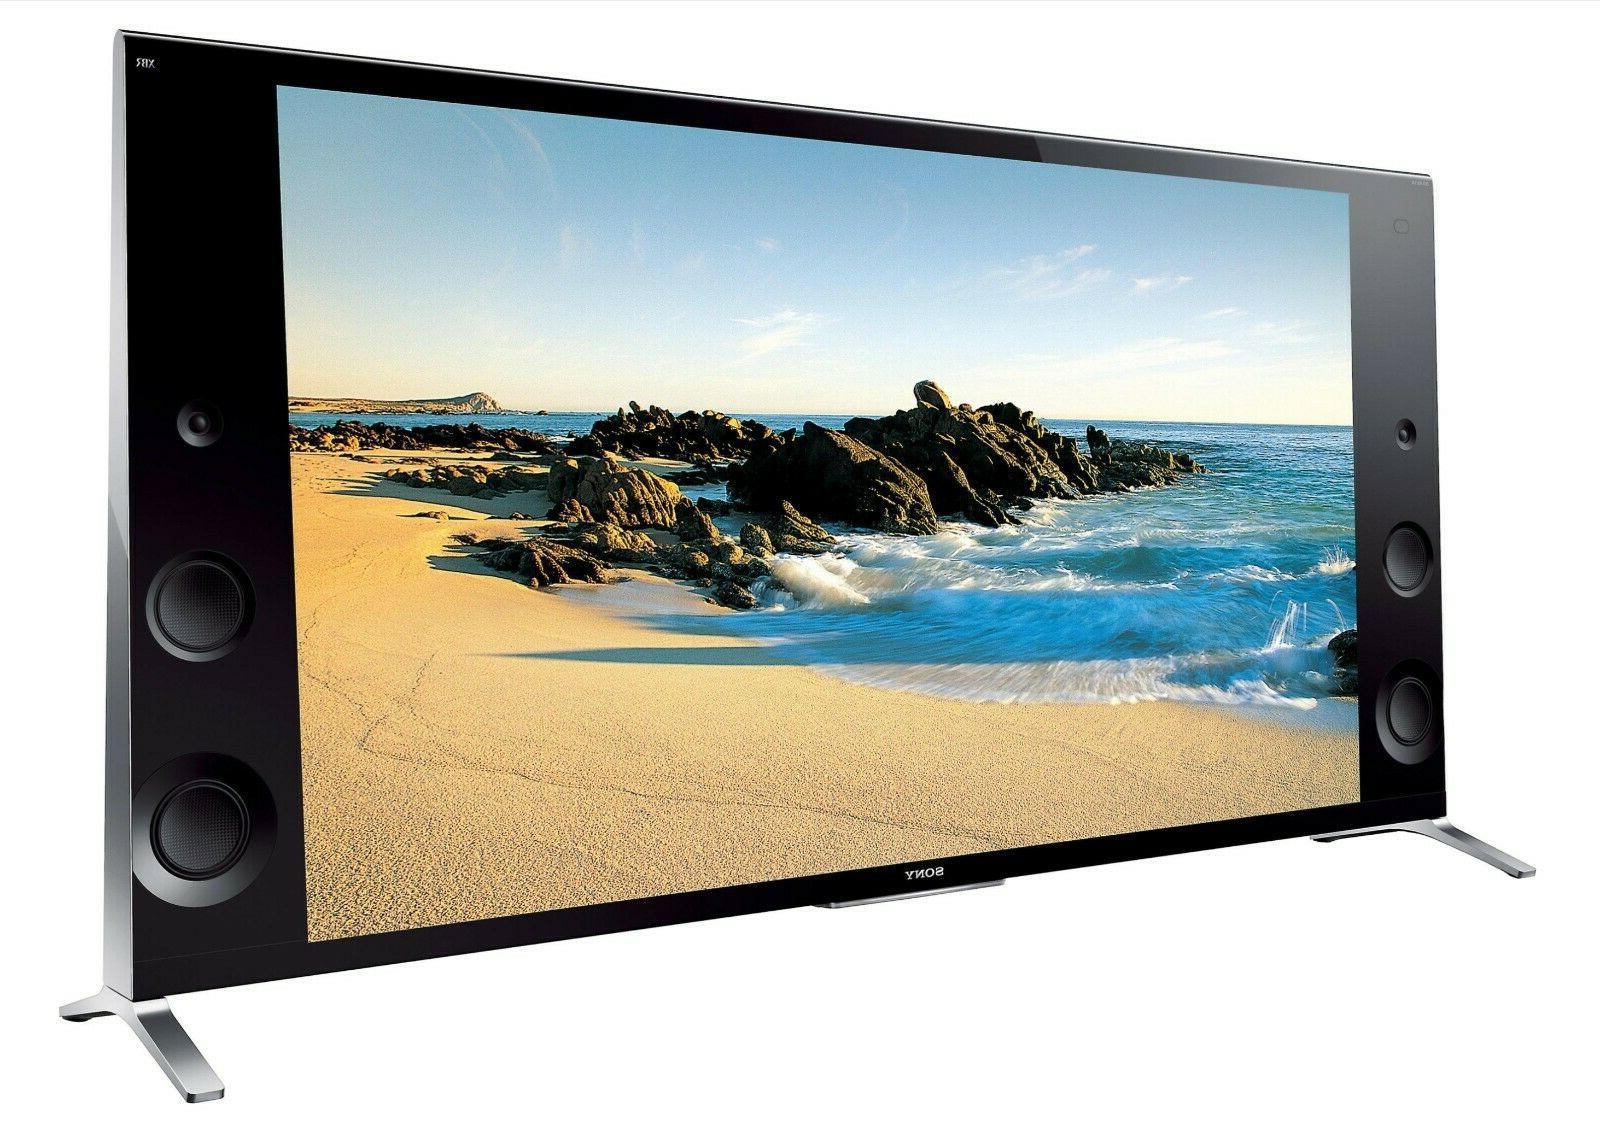 Sony 79X900B 3D 4K HD Sound + 1